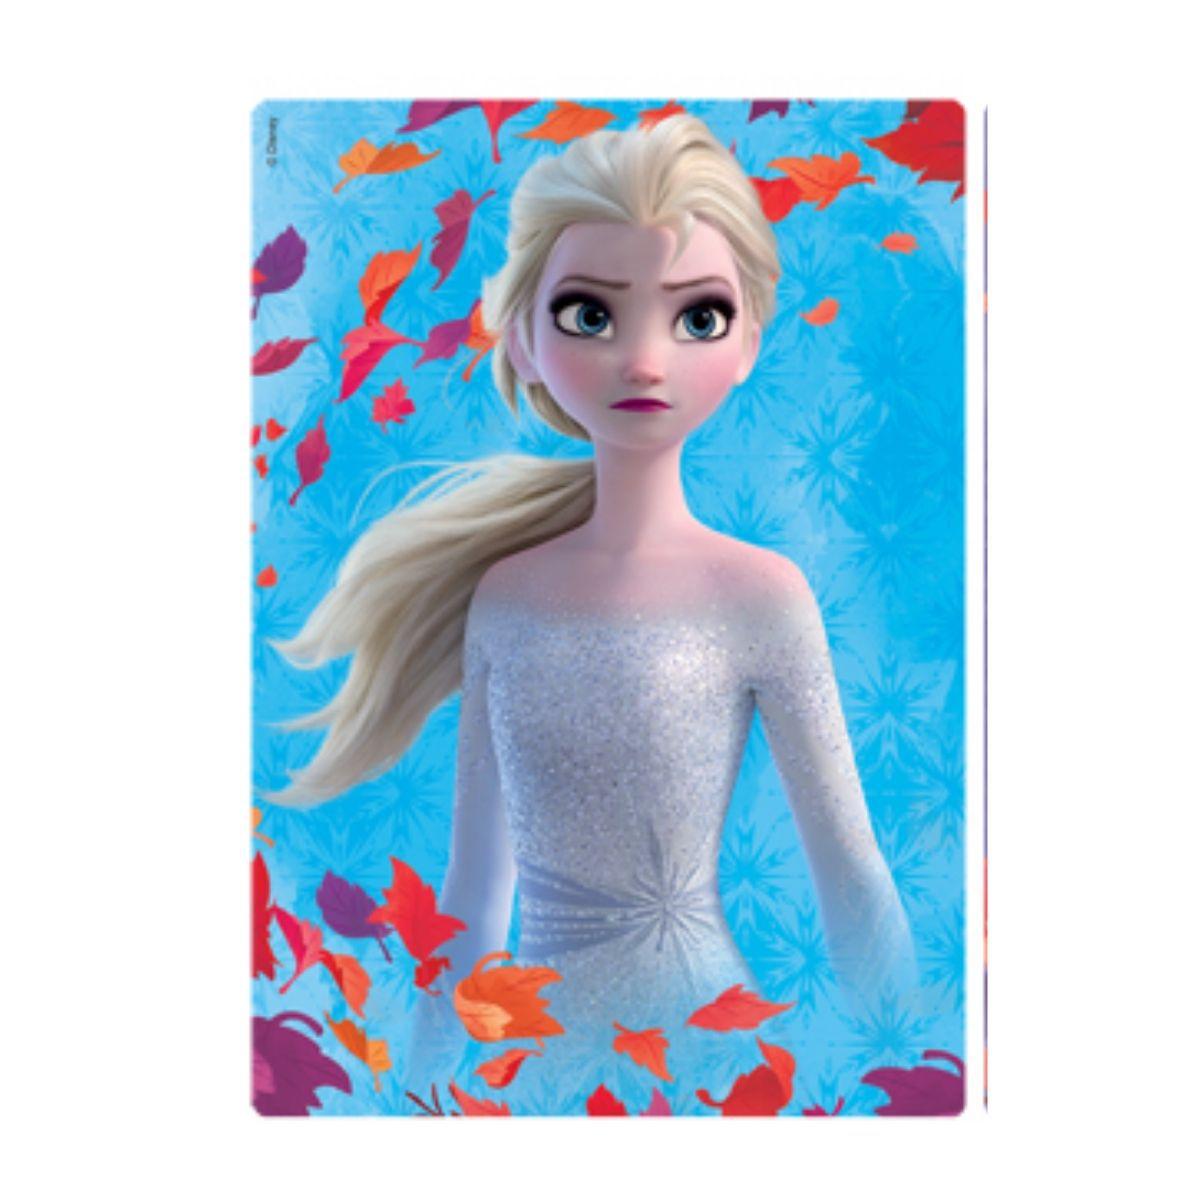 Quebra Cabeça Infantil Frozen 2  Princesa Elsa 60 peças  - Game Land Brinquedos